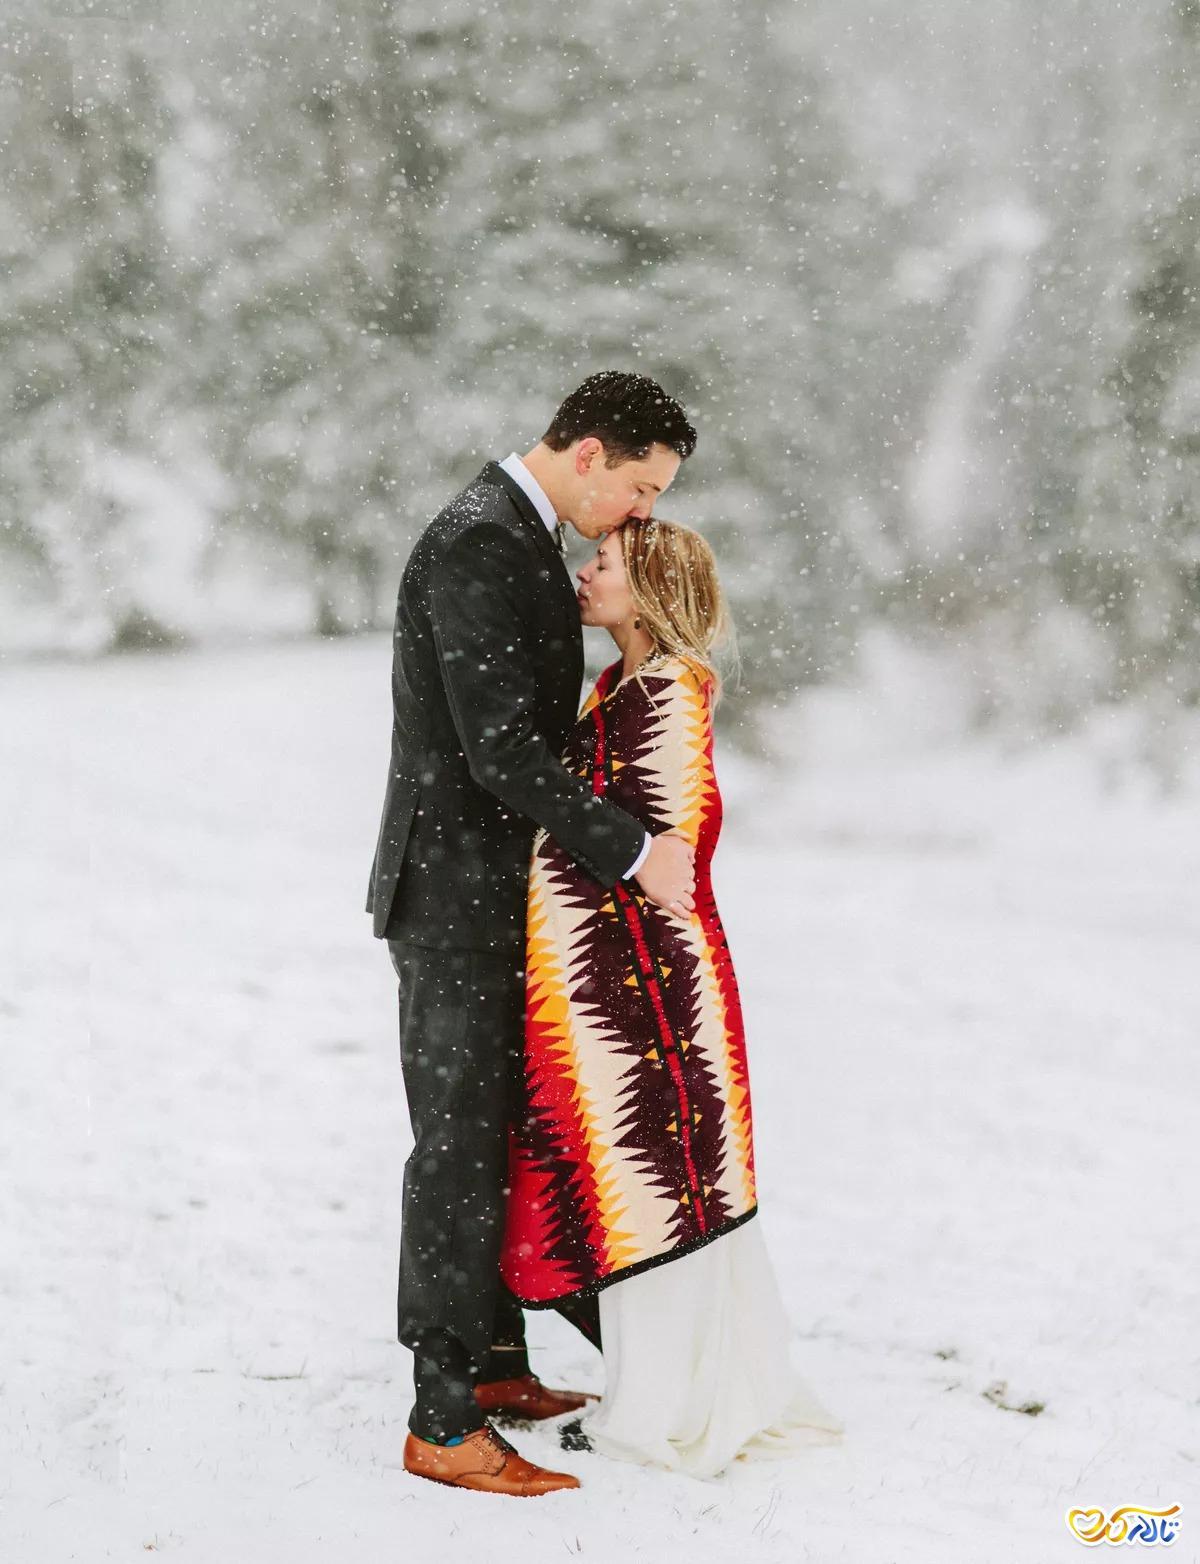 عکس عروسی زیبا در فصل زمستان